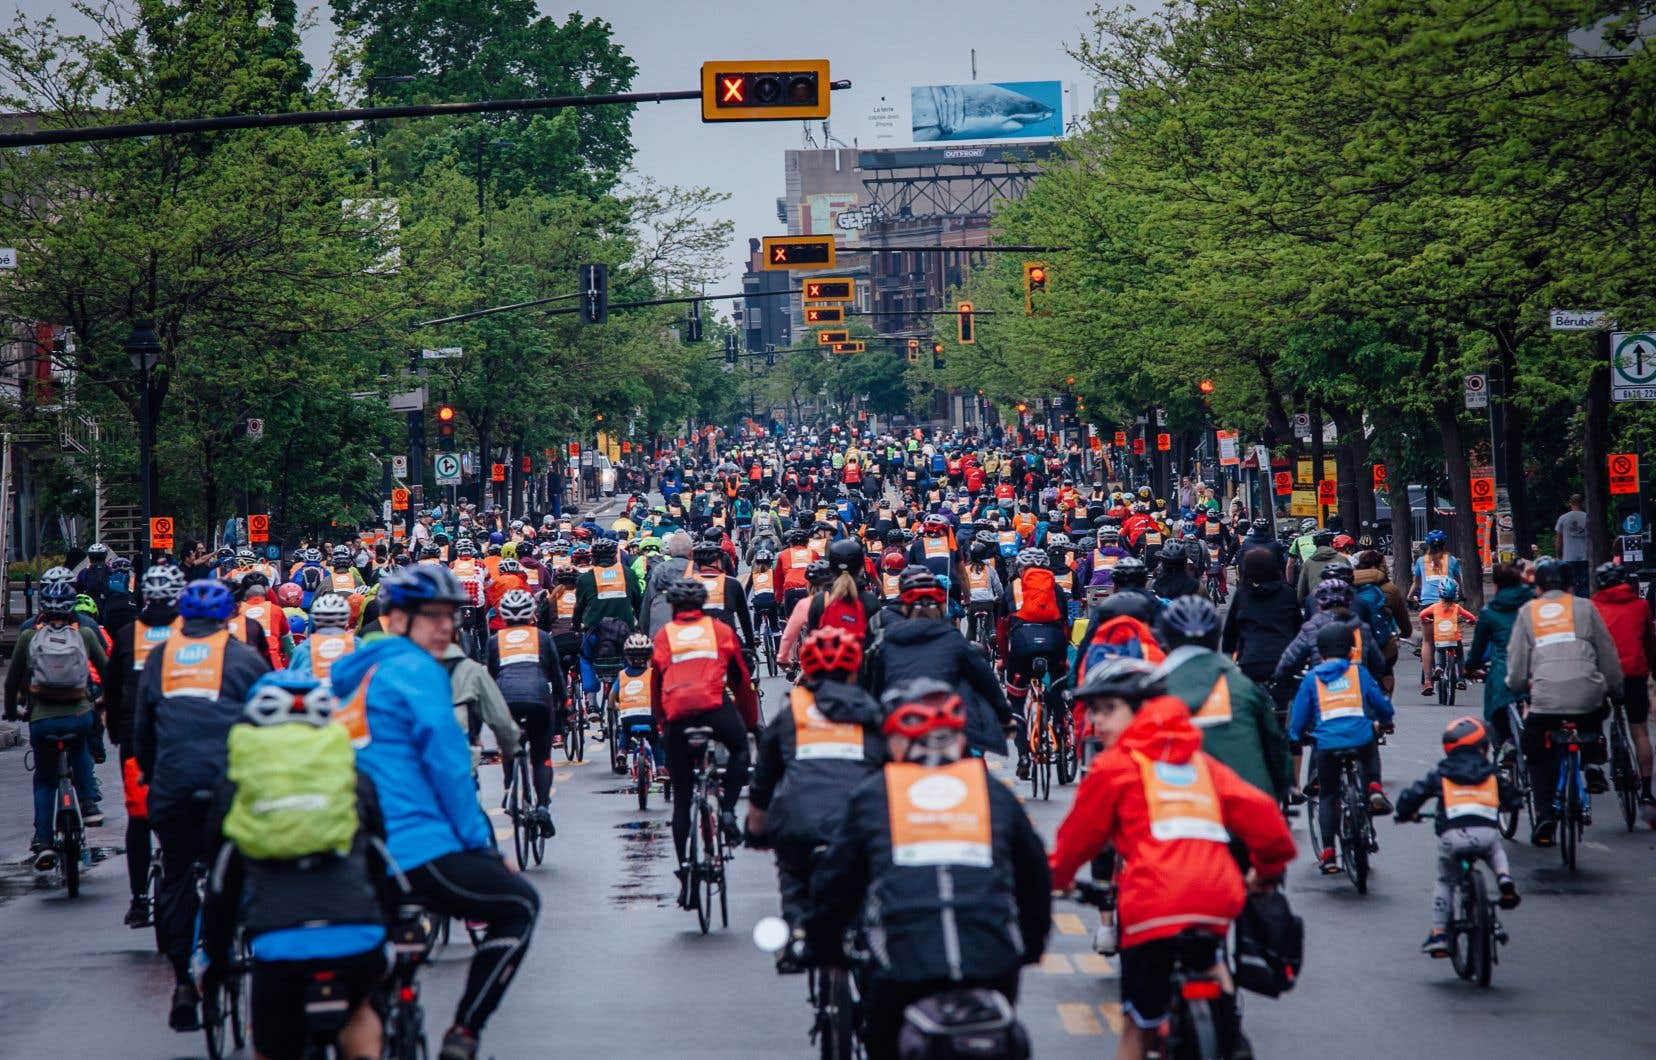 Malgré les averses, environ 22 000 cyclistes ont participé à l'évènement.